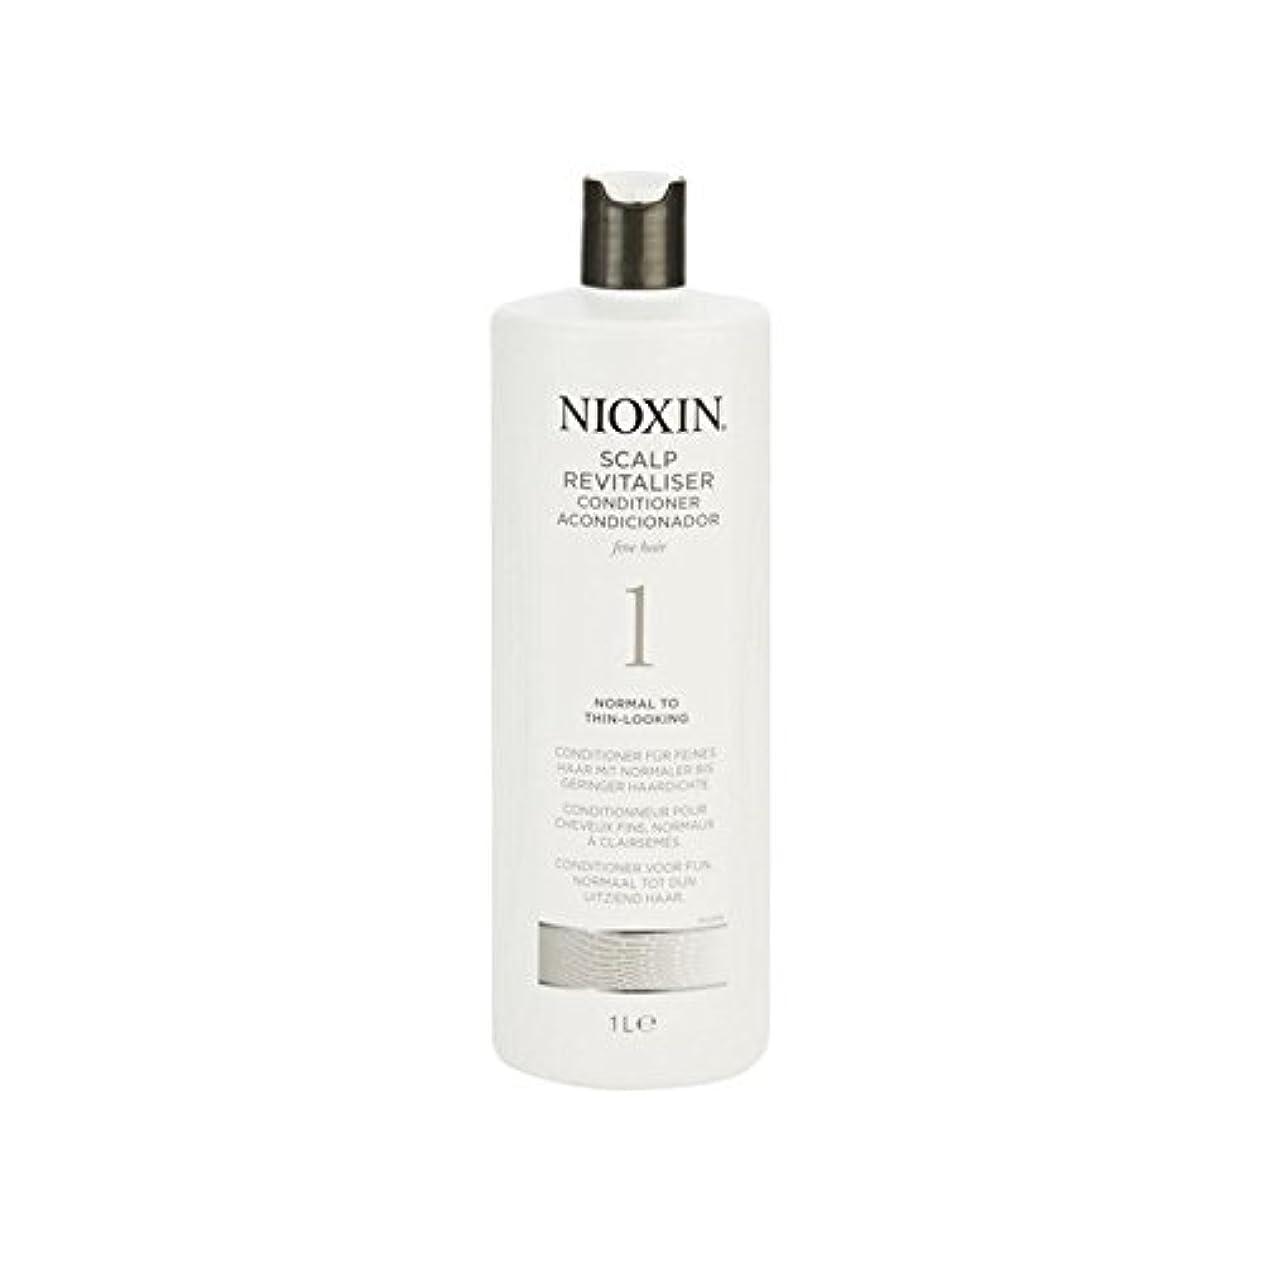 グロー荷物規範Nioxin System 1 Scalp Revitaliser Conditioner For Normal To Fine Natural Hair 1000ml (Pack of 6) - 細かい自然な髪千ミリリットルに、通常のためニオキシンシステム1人の頭皮コンディショナー x6 [並行輸入品]